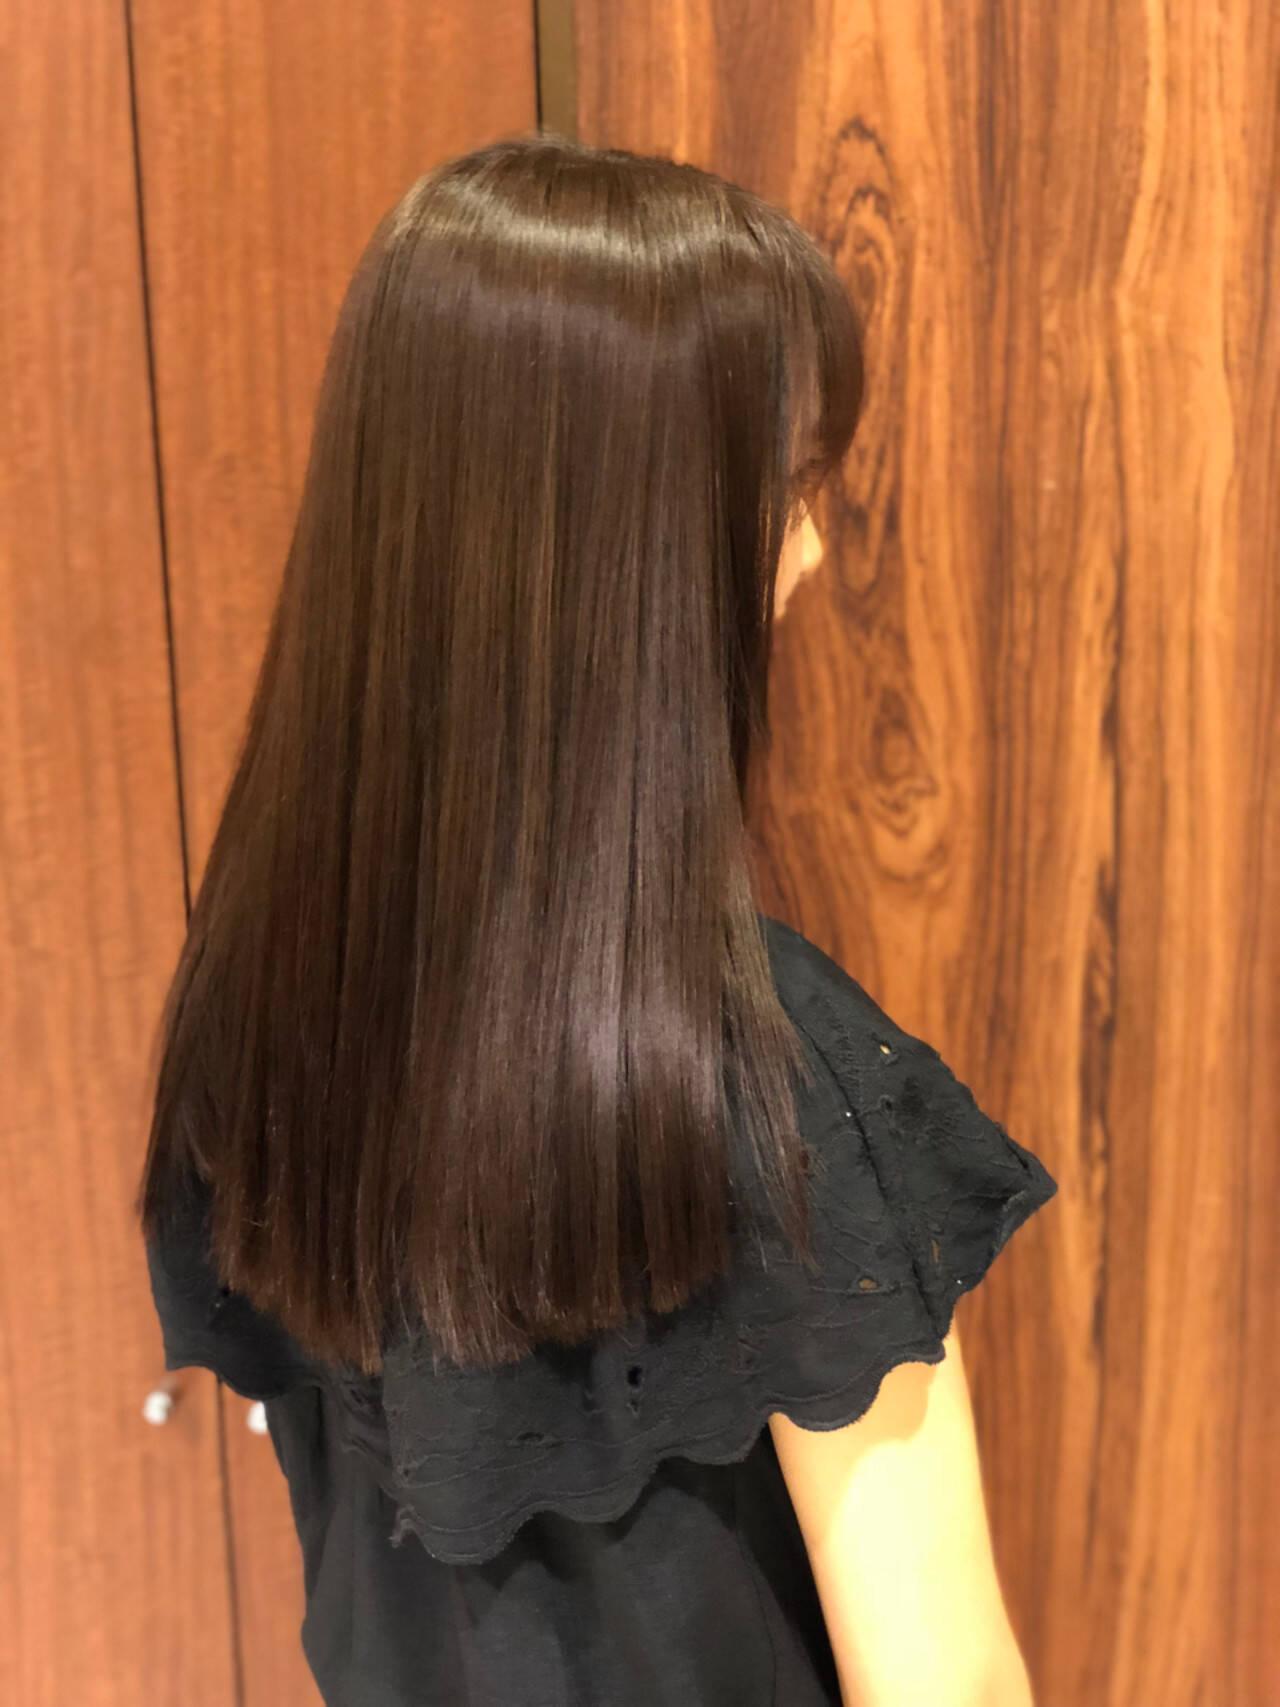 セミロング ロブ ストレート パーマヘアスタイルや髪型の写真・画像